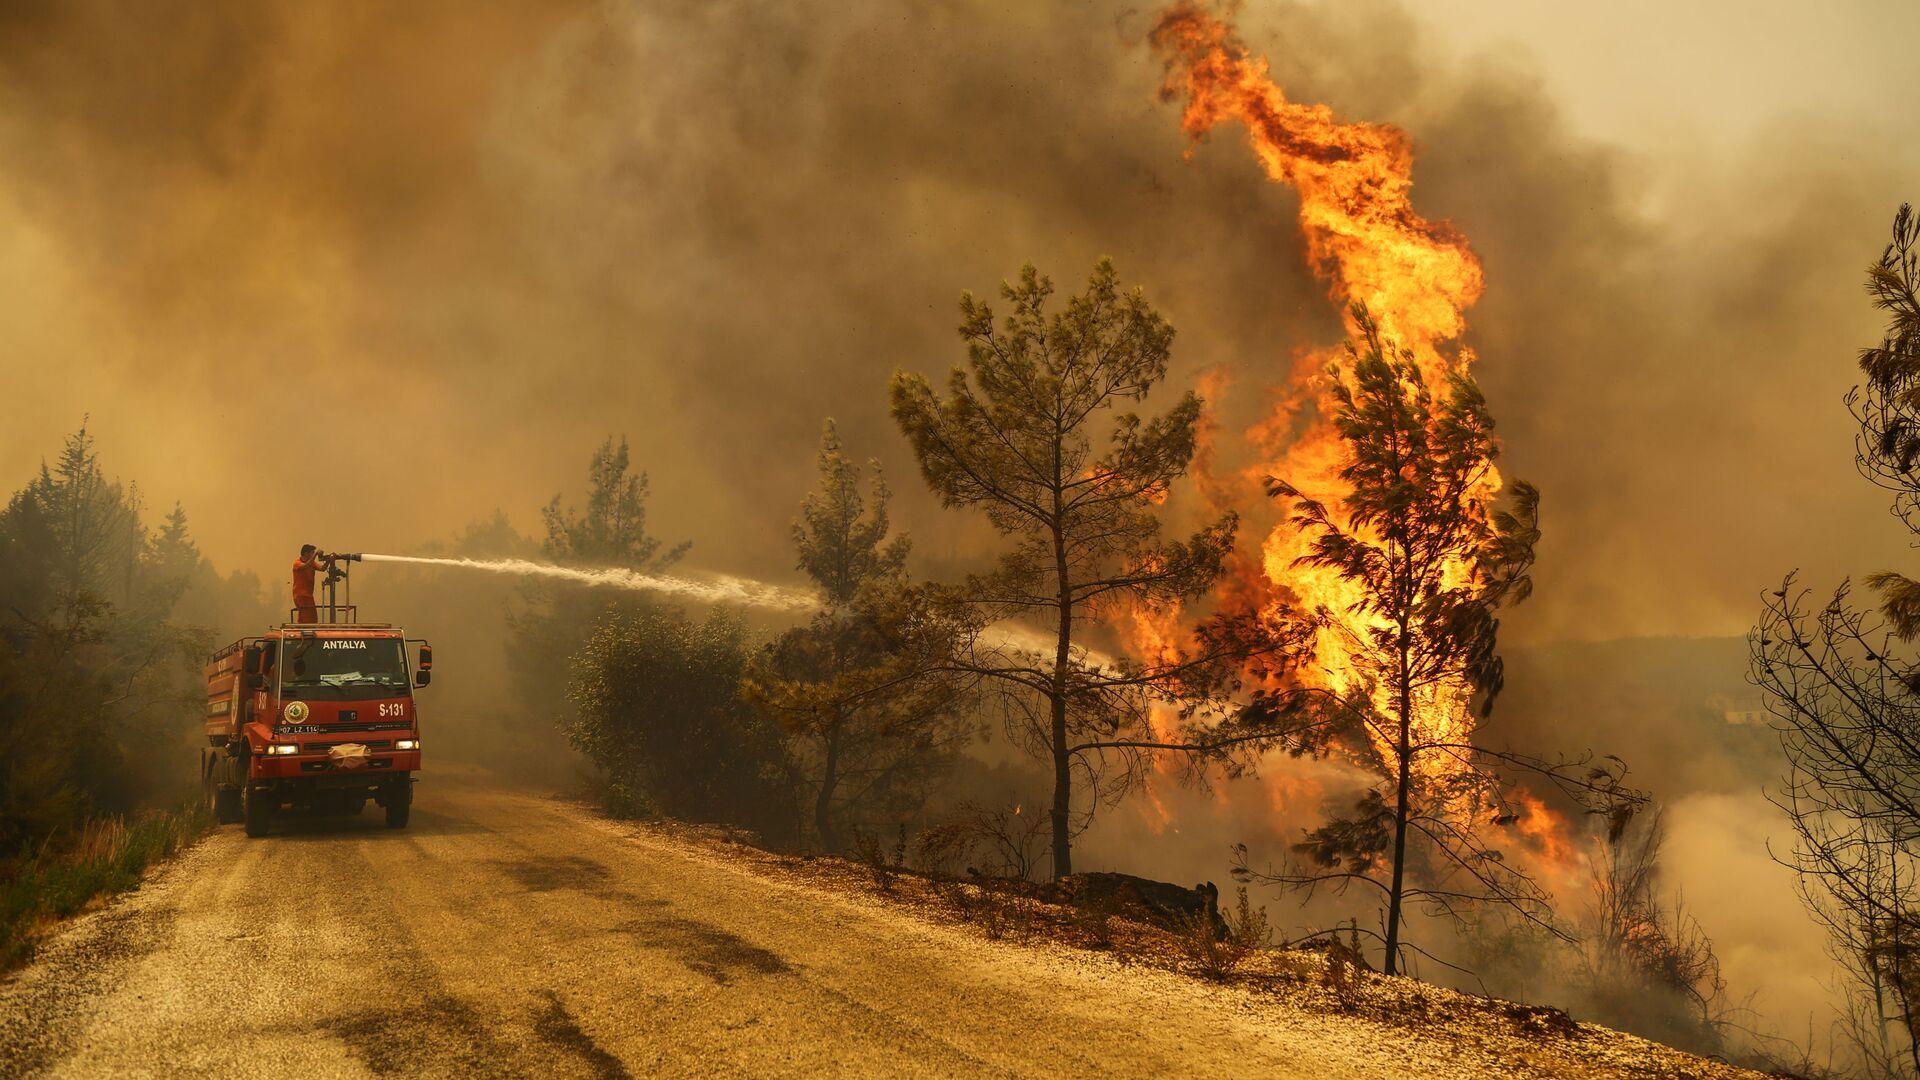 Pożary w Turcji, prowincja Manawgat, lipiec 2021 roku - Sputnik Polska, 1920, 31.07.2021